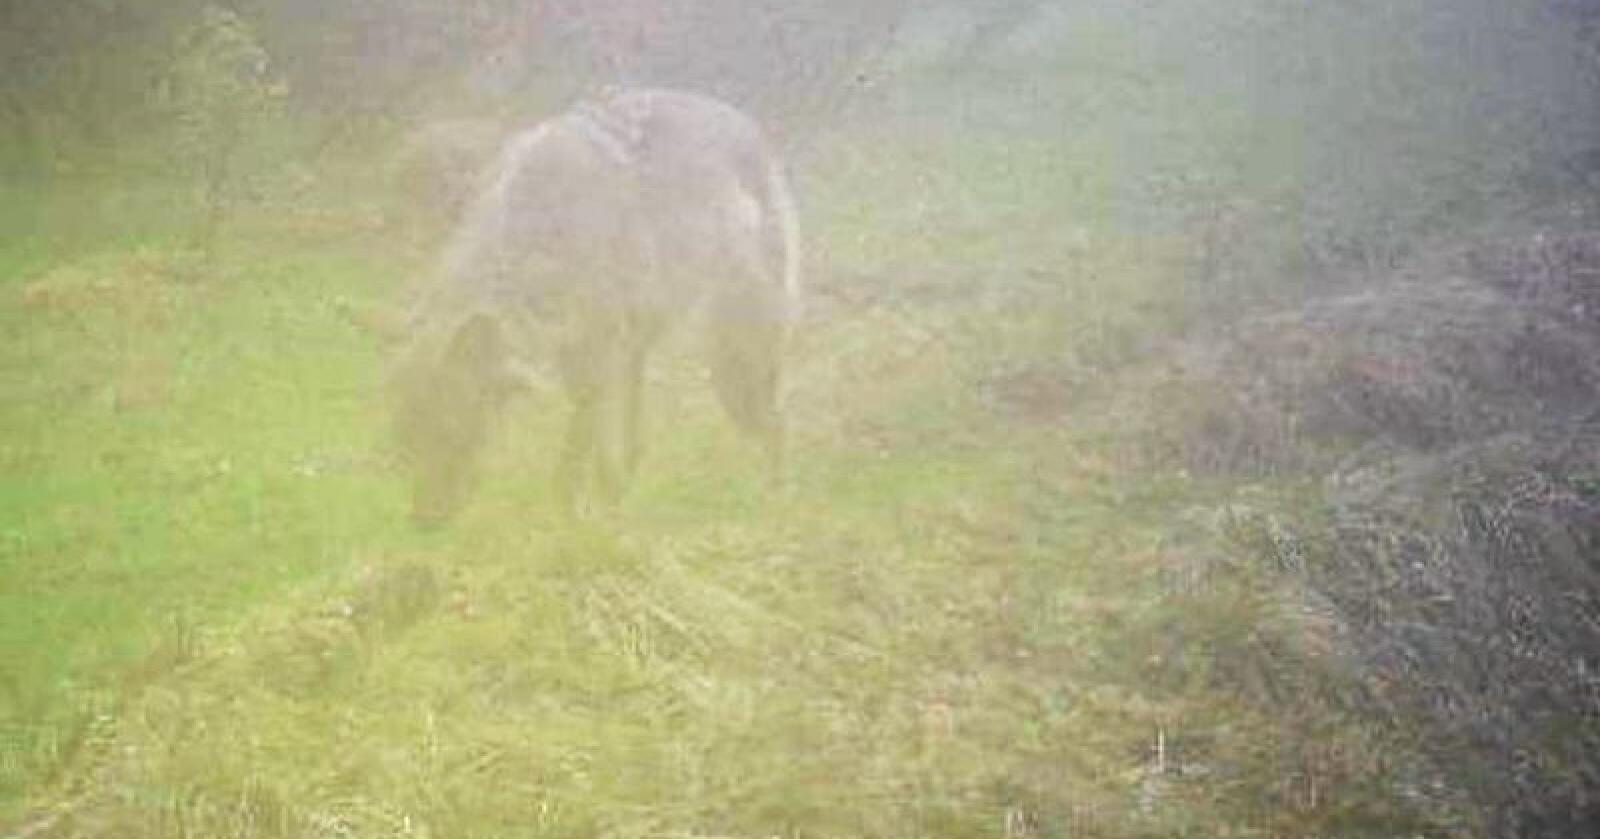 Denne ulven dukket opp på et viltkamera i Tynset 6. juni. Foto: Skadefellingslaget i Nord-Østerdalen